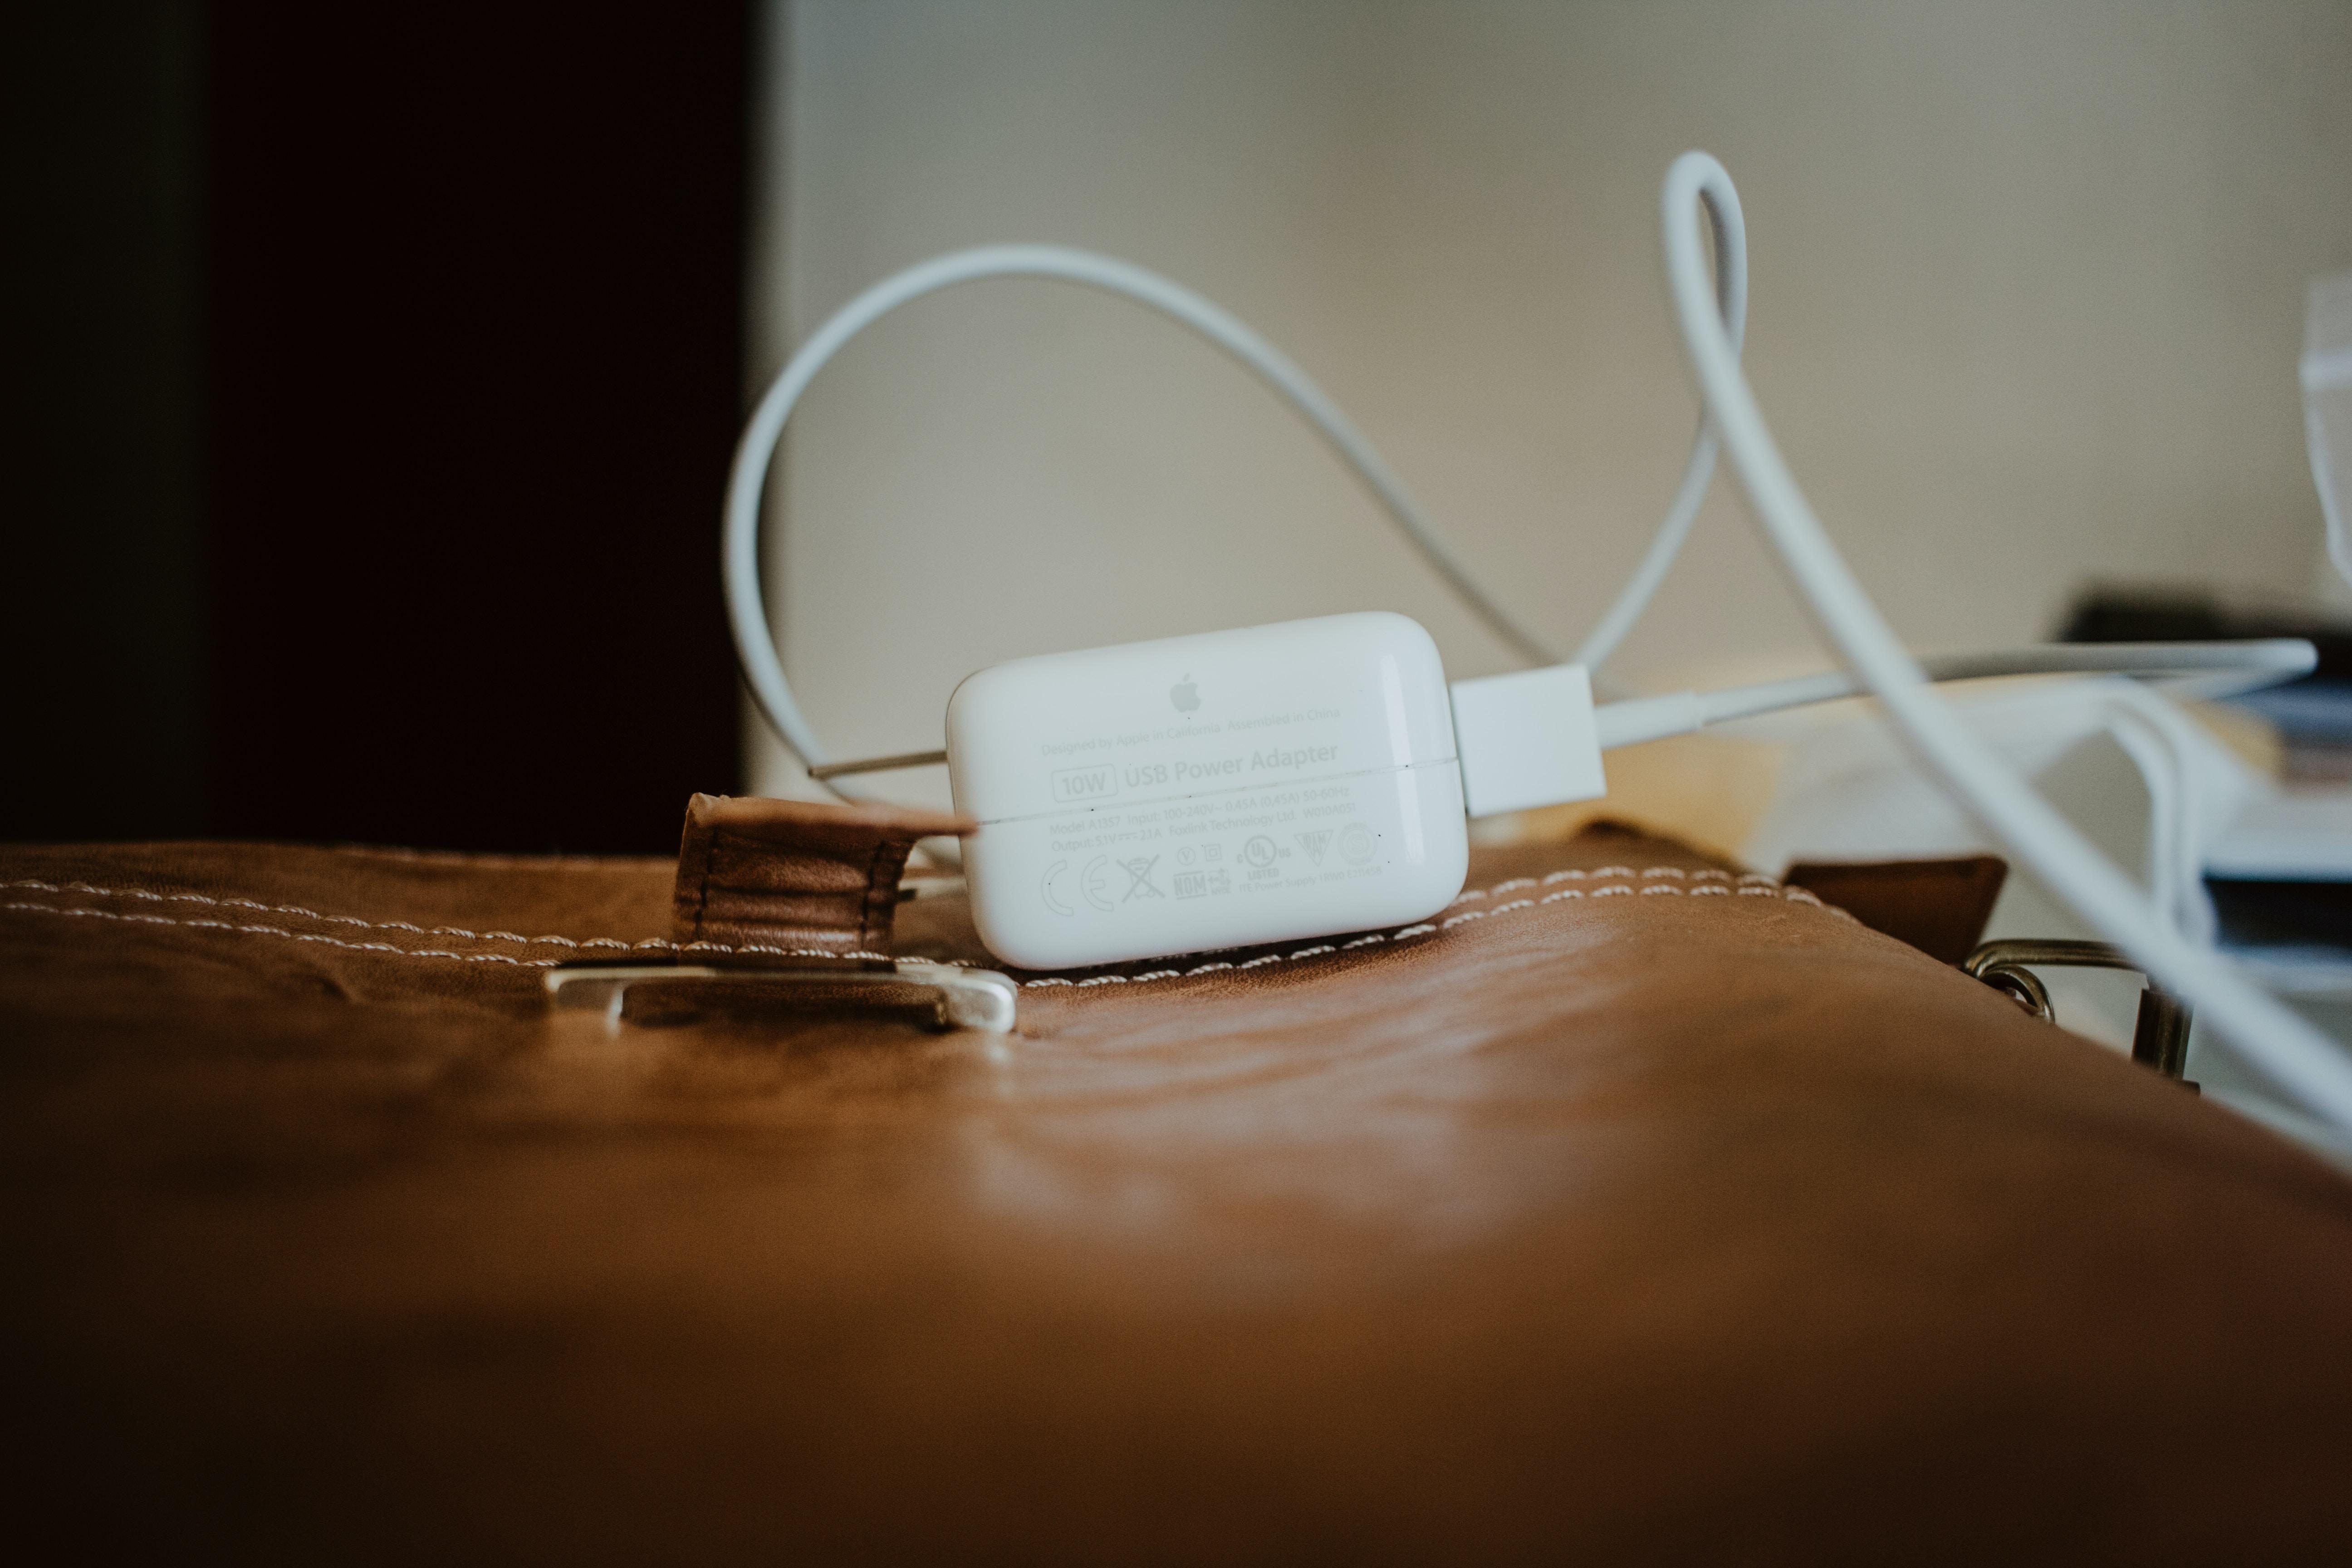 white power adapter